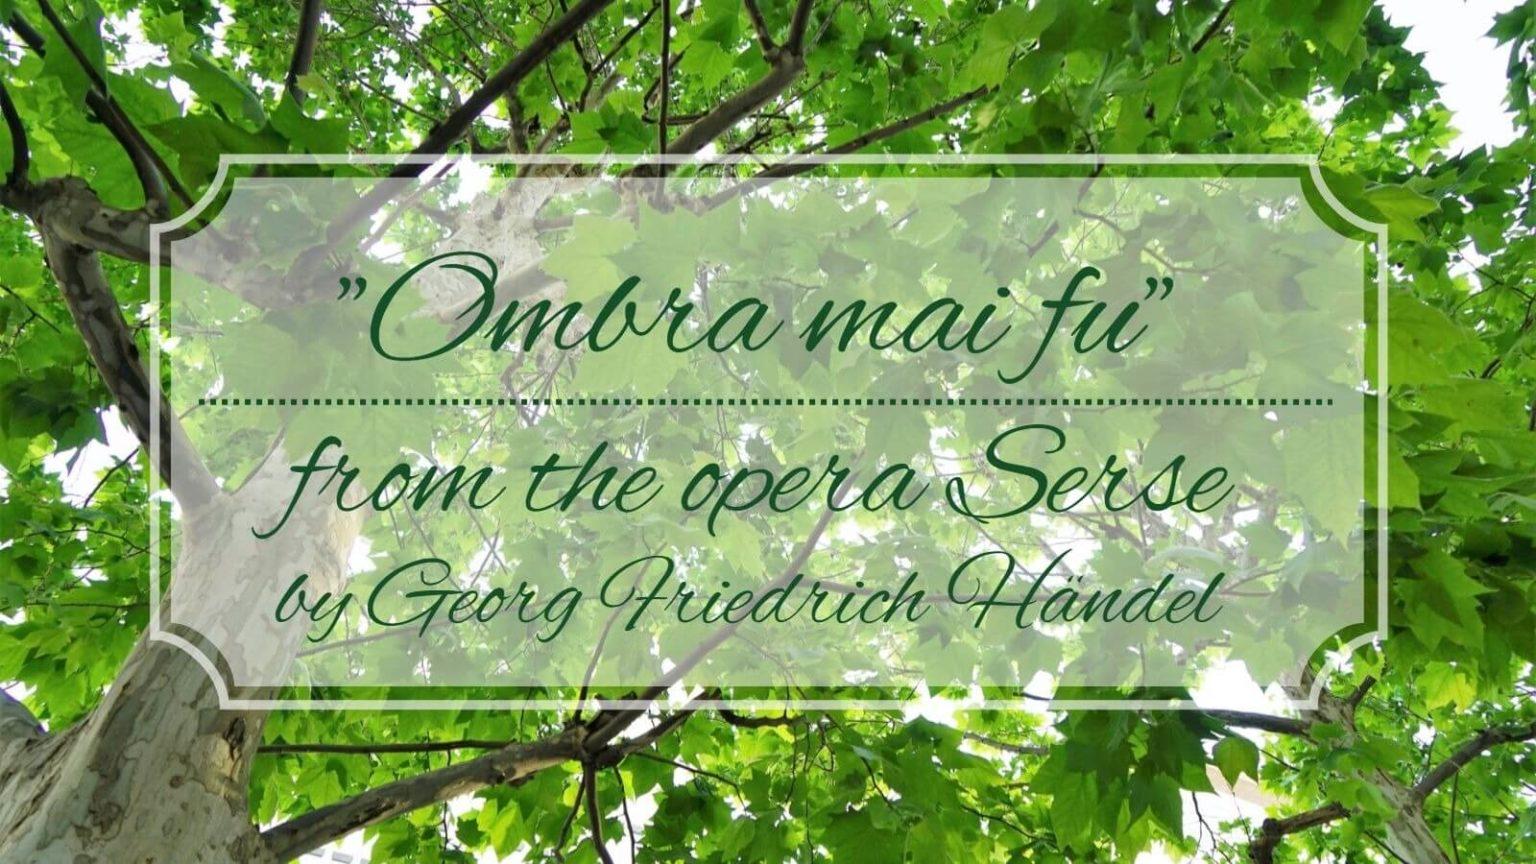 「ヘンデルのラルゴ(オンブラマイフ)」とオペラ《セルセ》